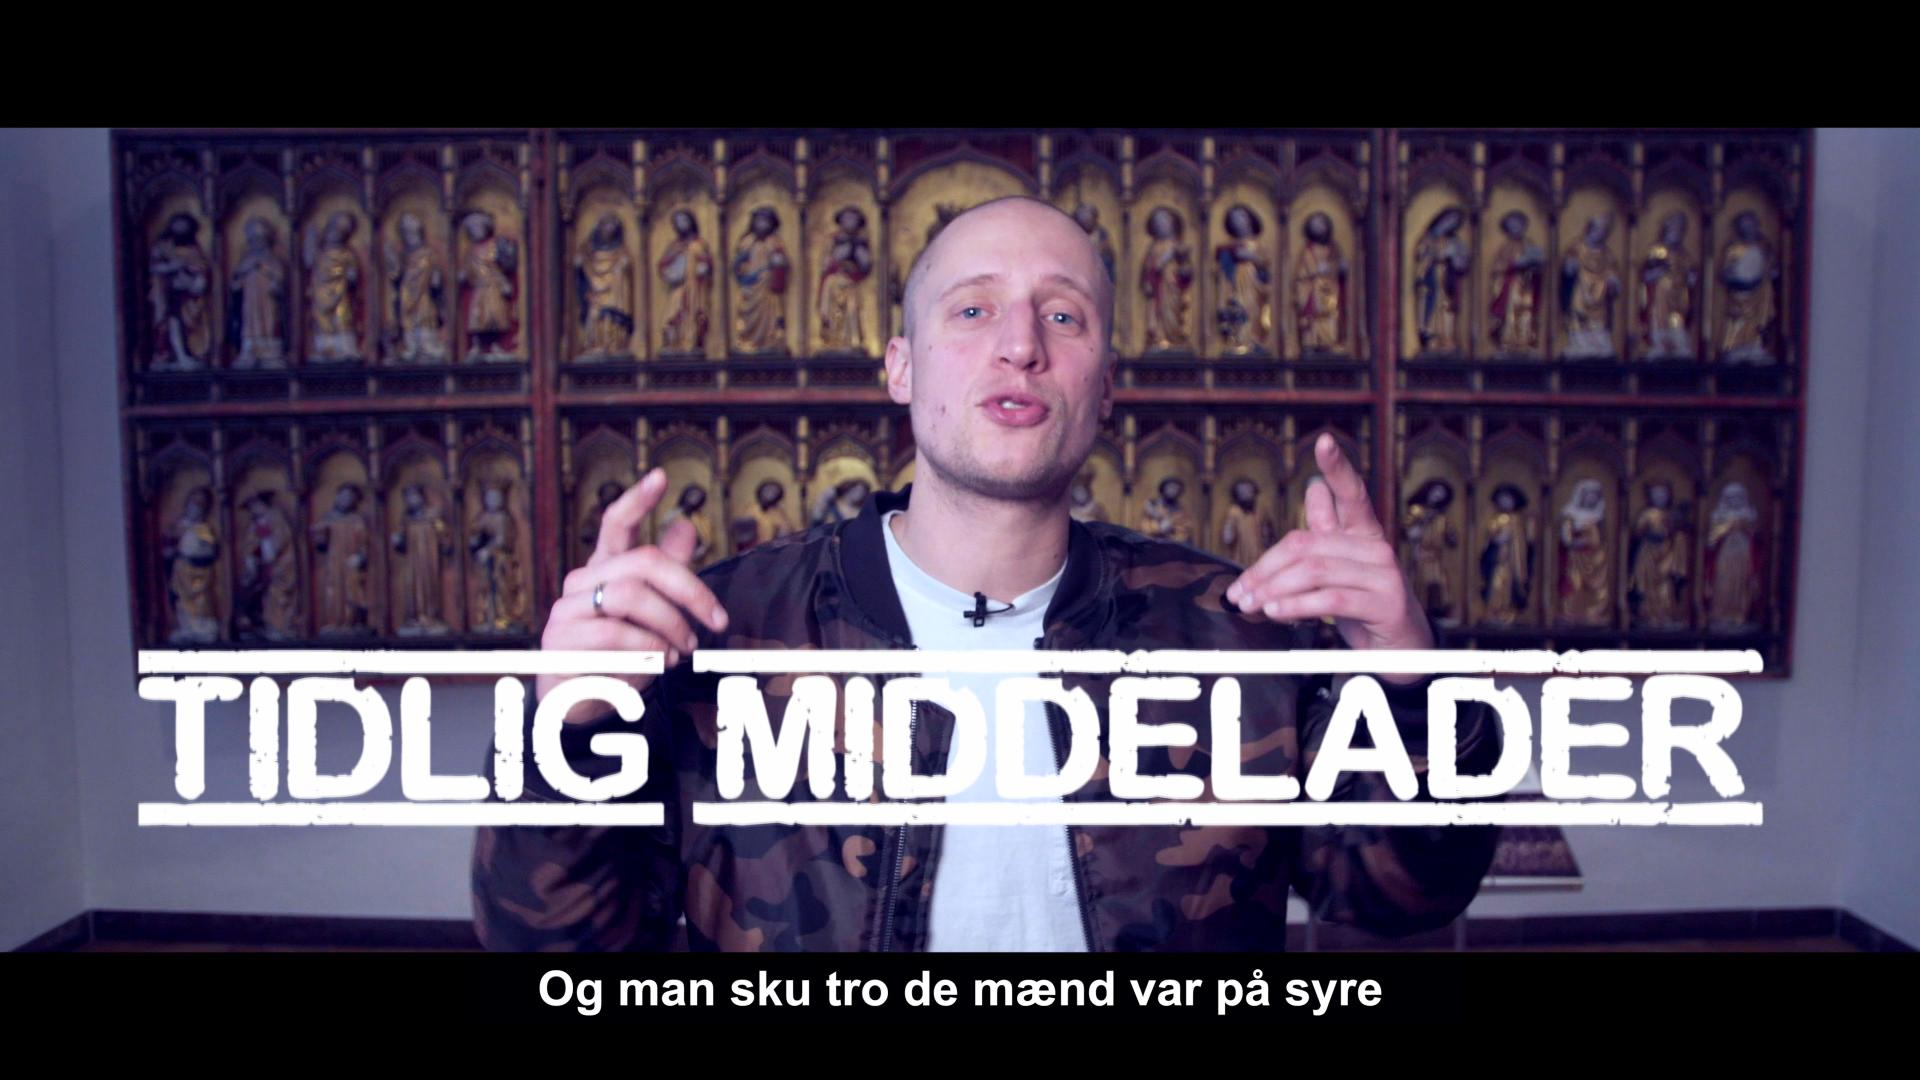 pede_b_tidlig_middelalder_til_psdb-2_1.jpg